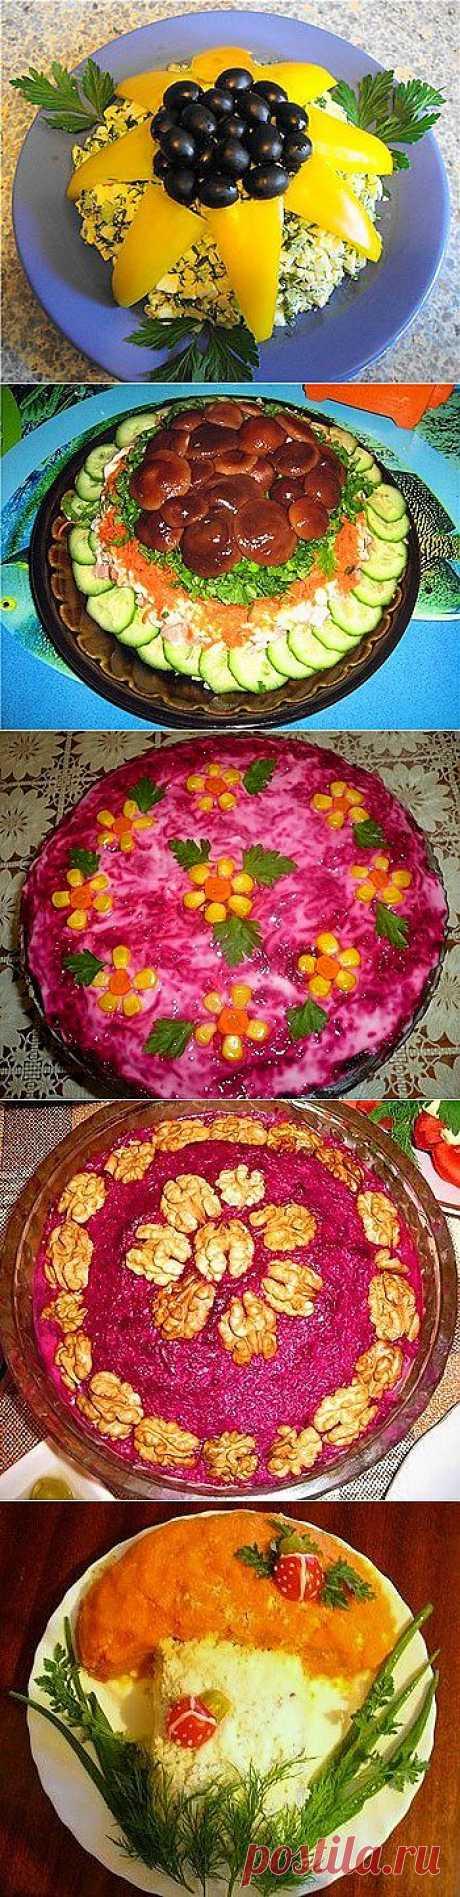 14 идей для украшения салатов